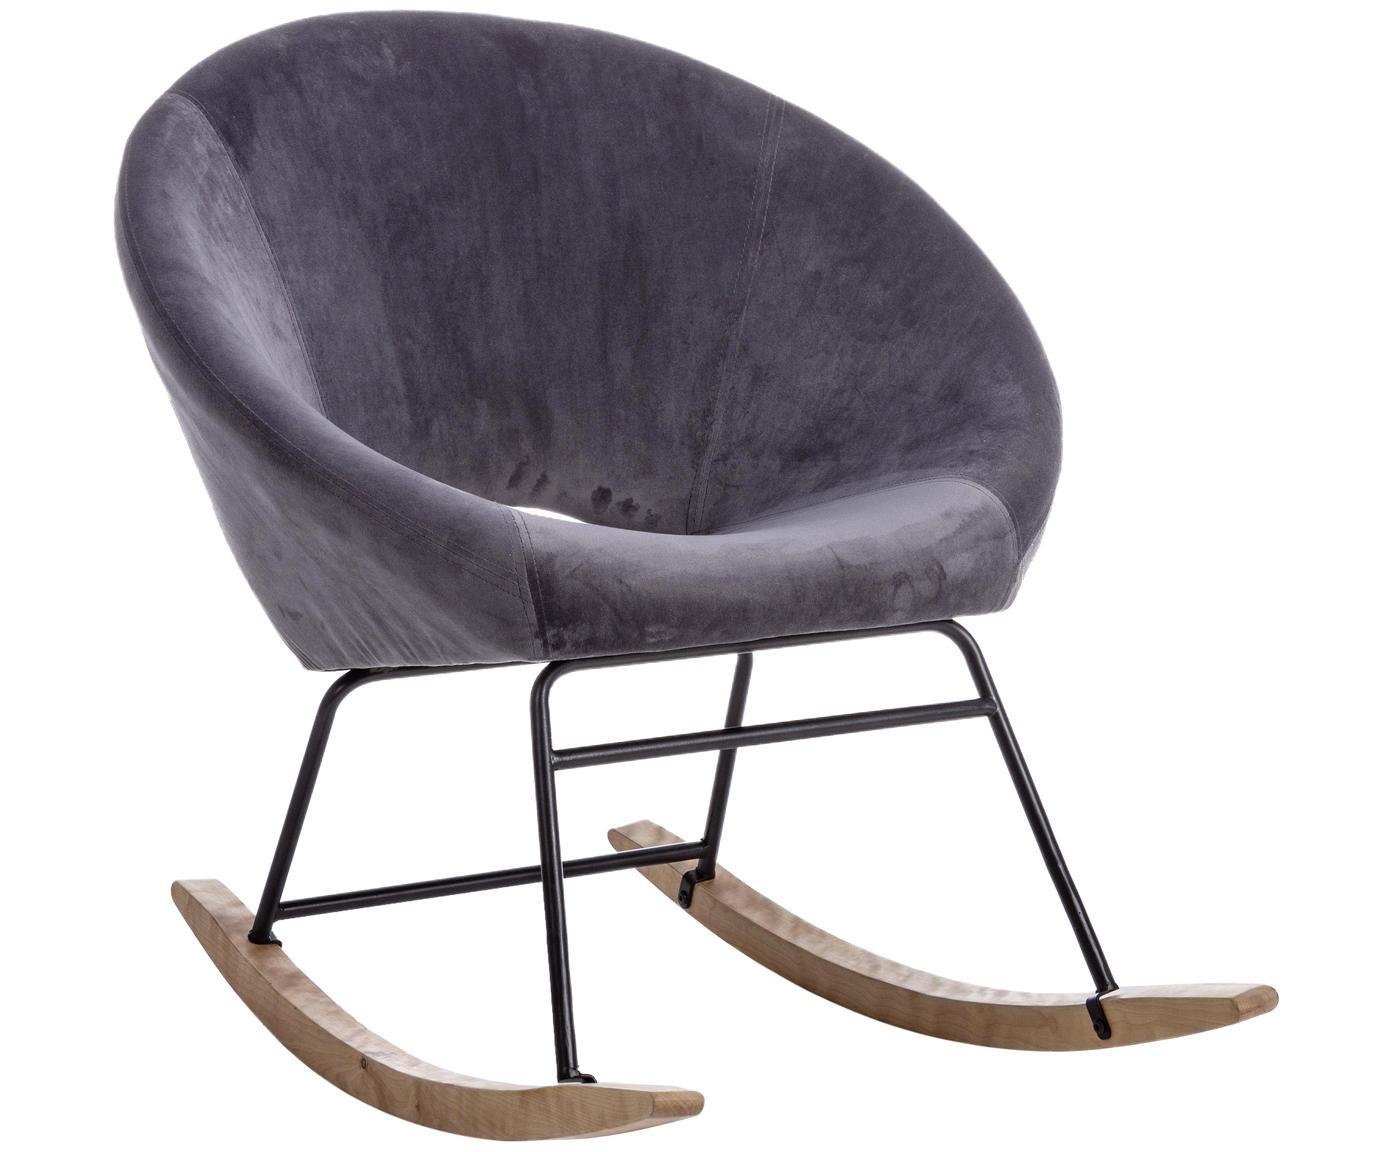 Fluwelen schommelstoel Annika, Bekleding: polyester fluweel, Frame: gepoedercoat metaal, Frame: multiplex, metaal, Fluweel grijs, B 74 x D 77 cm